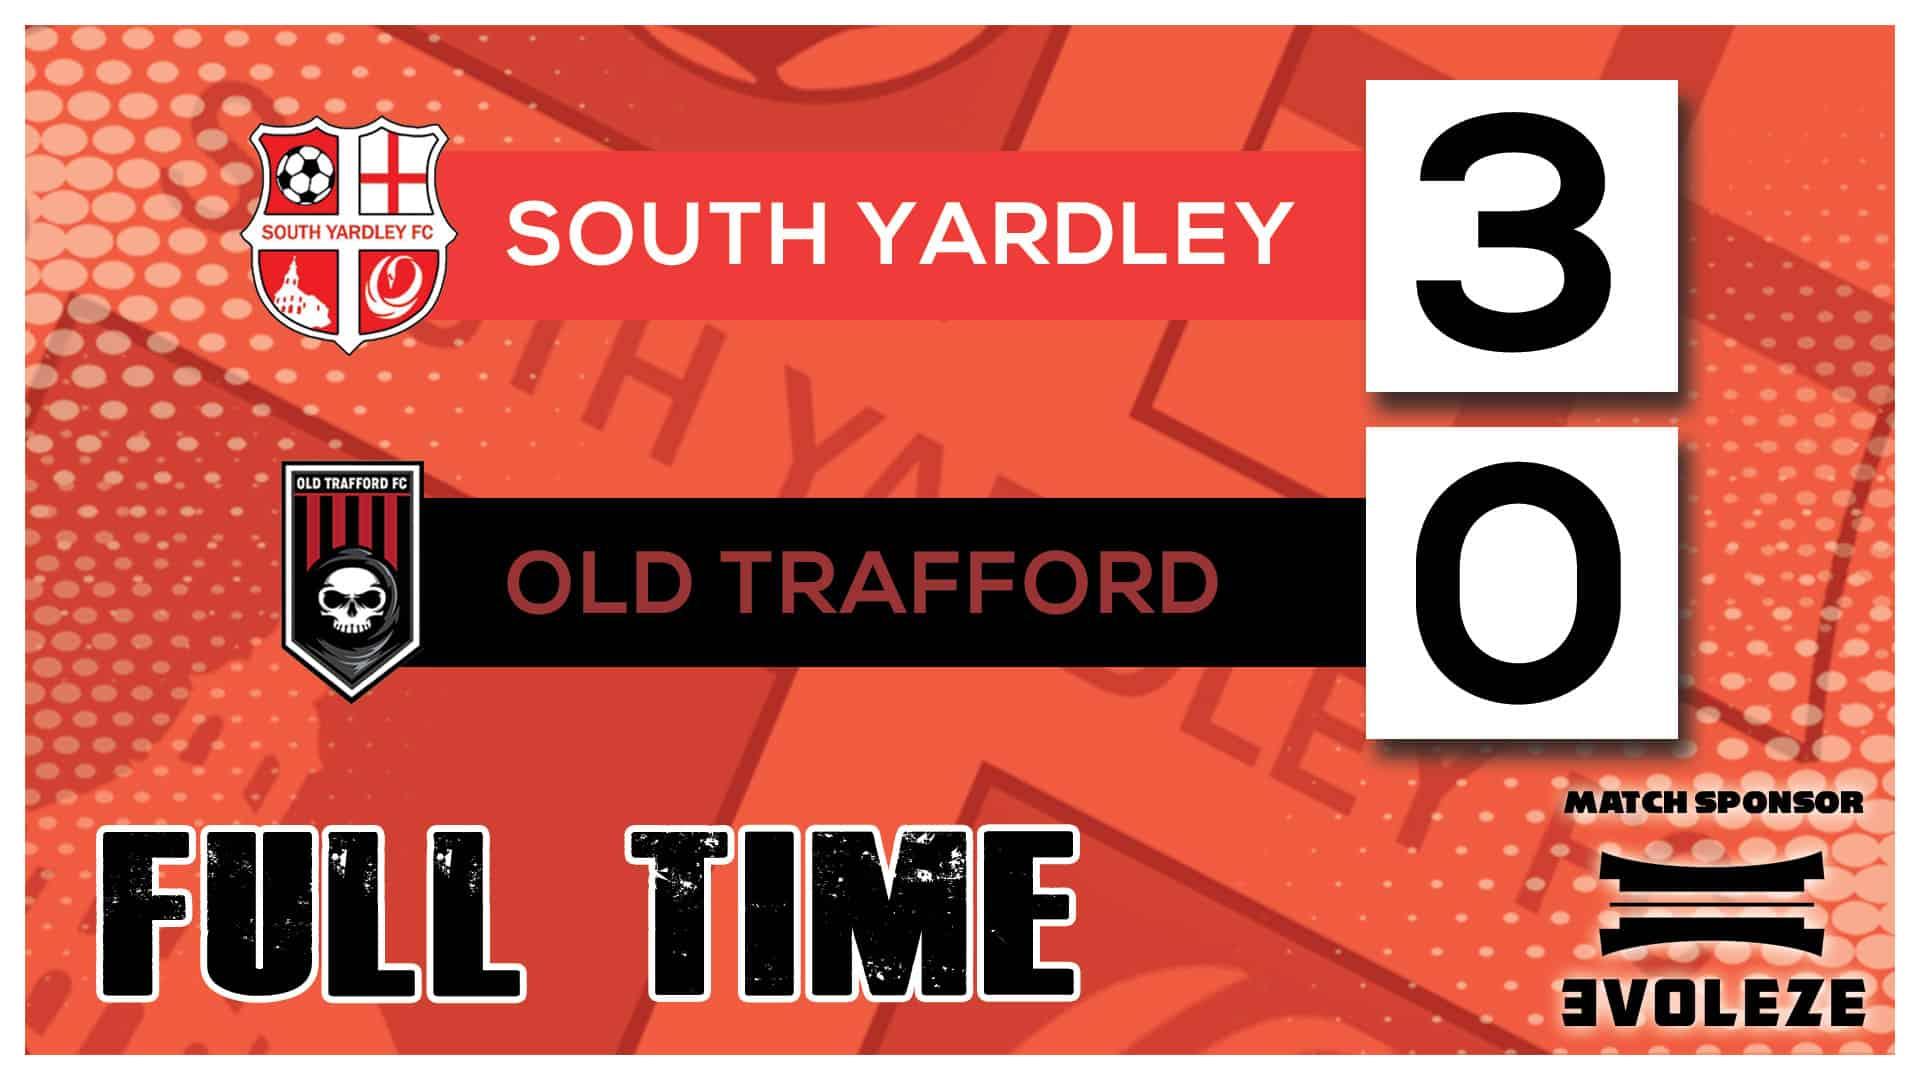 half time South Yardley FC